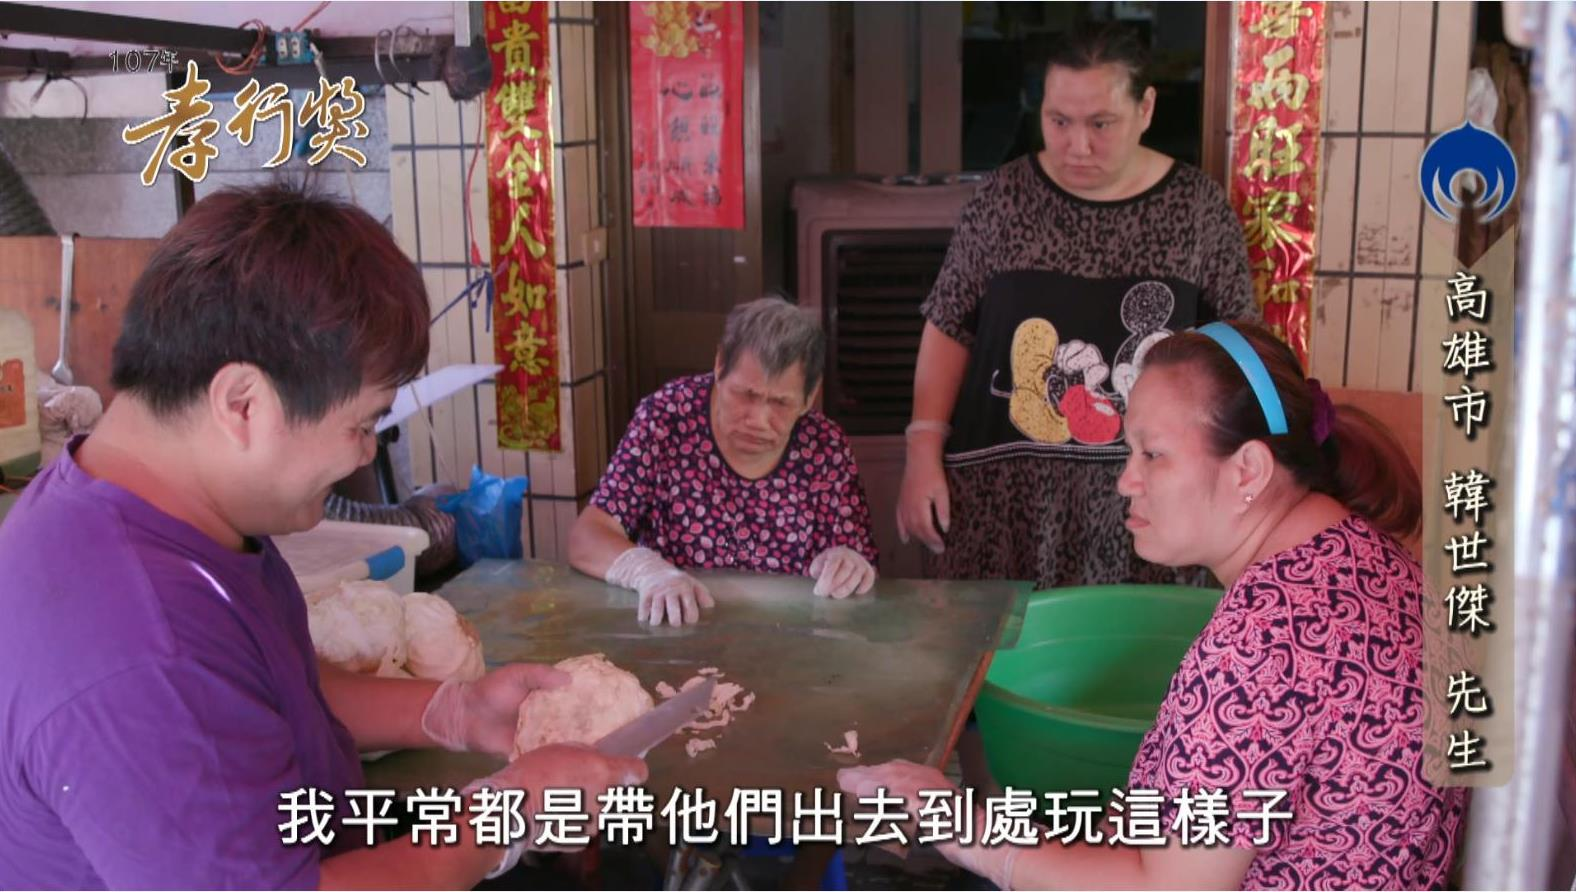 韓世傑帶著身心障礙母親和姐姐,一家人和樂融融準備做生意的食材。